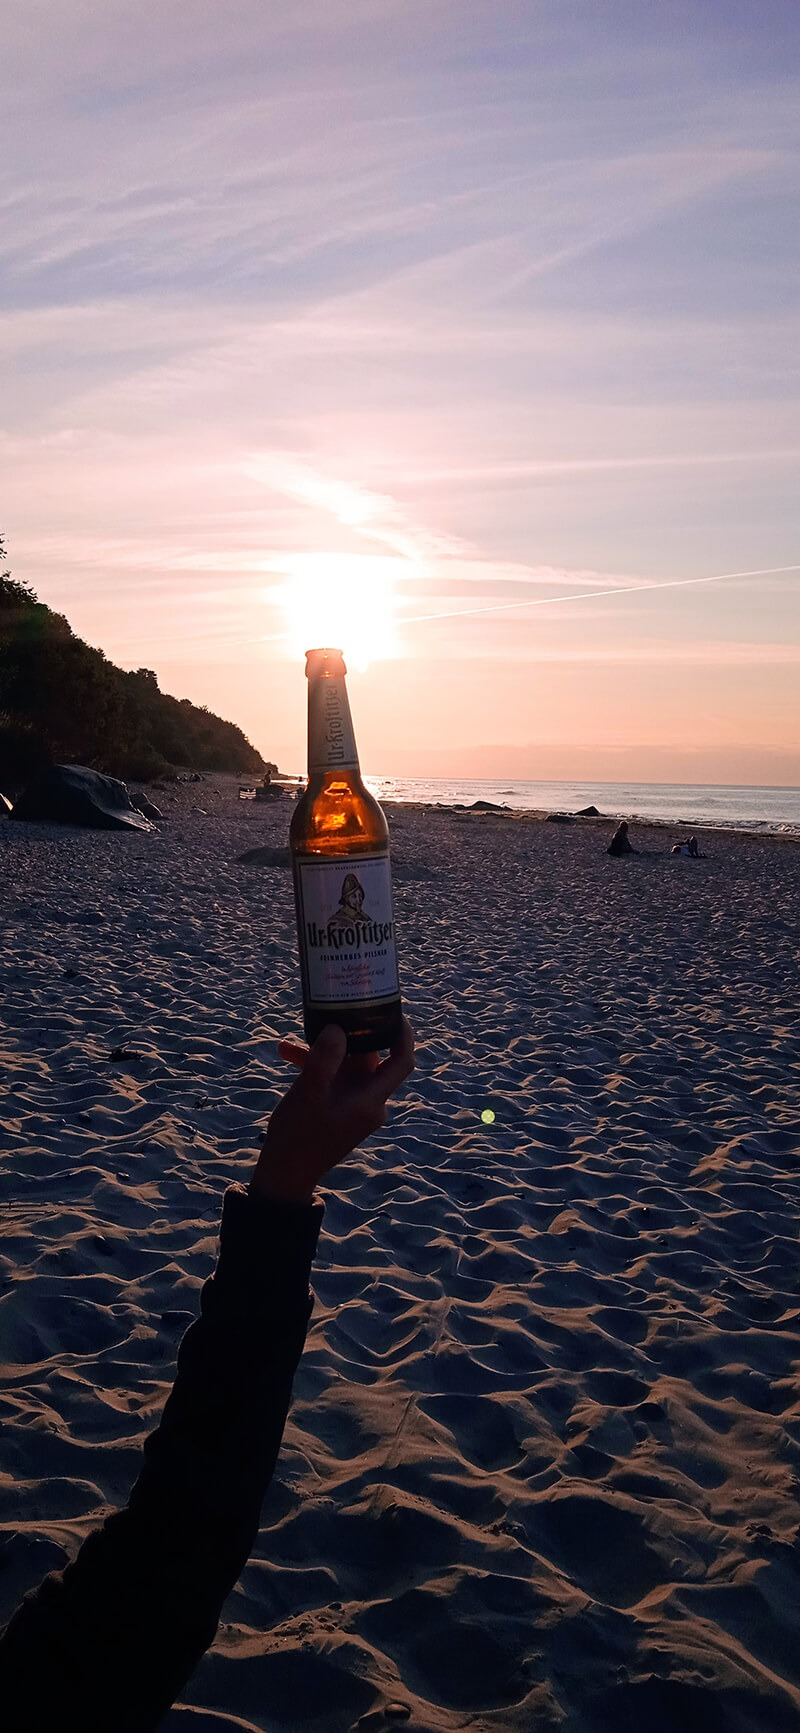 Nordstrand Rügen. Hier kann ich mich entspannen und ein Uri genießen. – André